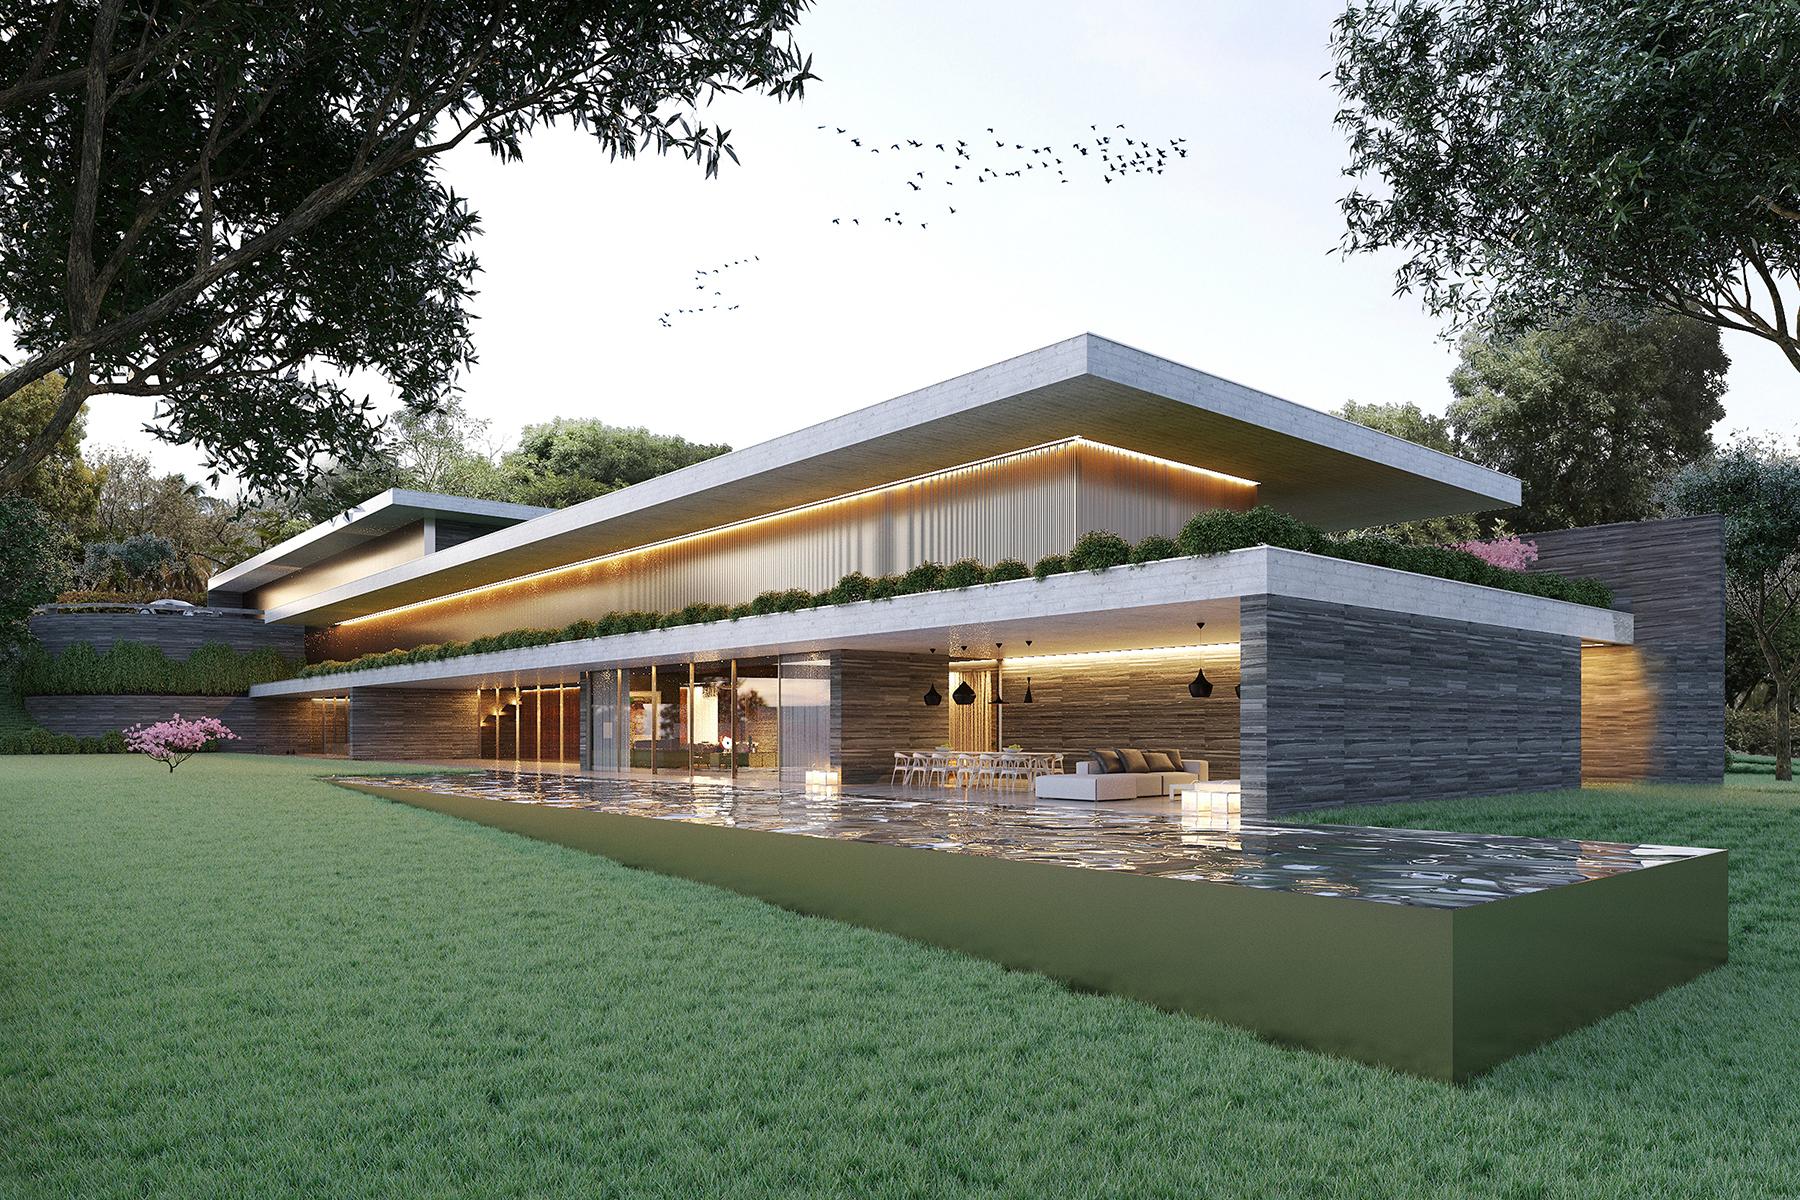 Single Family Home for Sale at Contemporary villa in Los Altos de Valderrama. Sotogrande, Andalucia, 11310 Spain